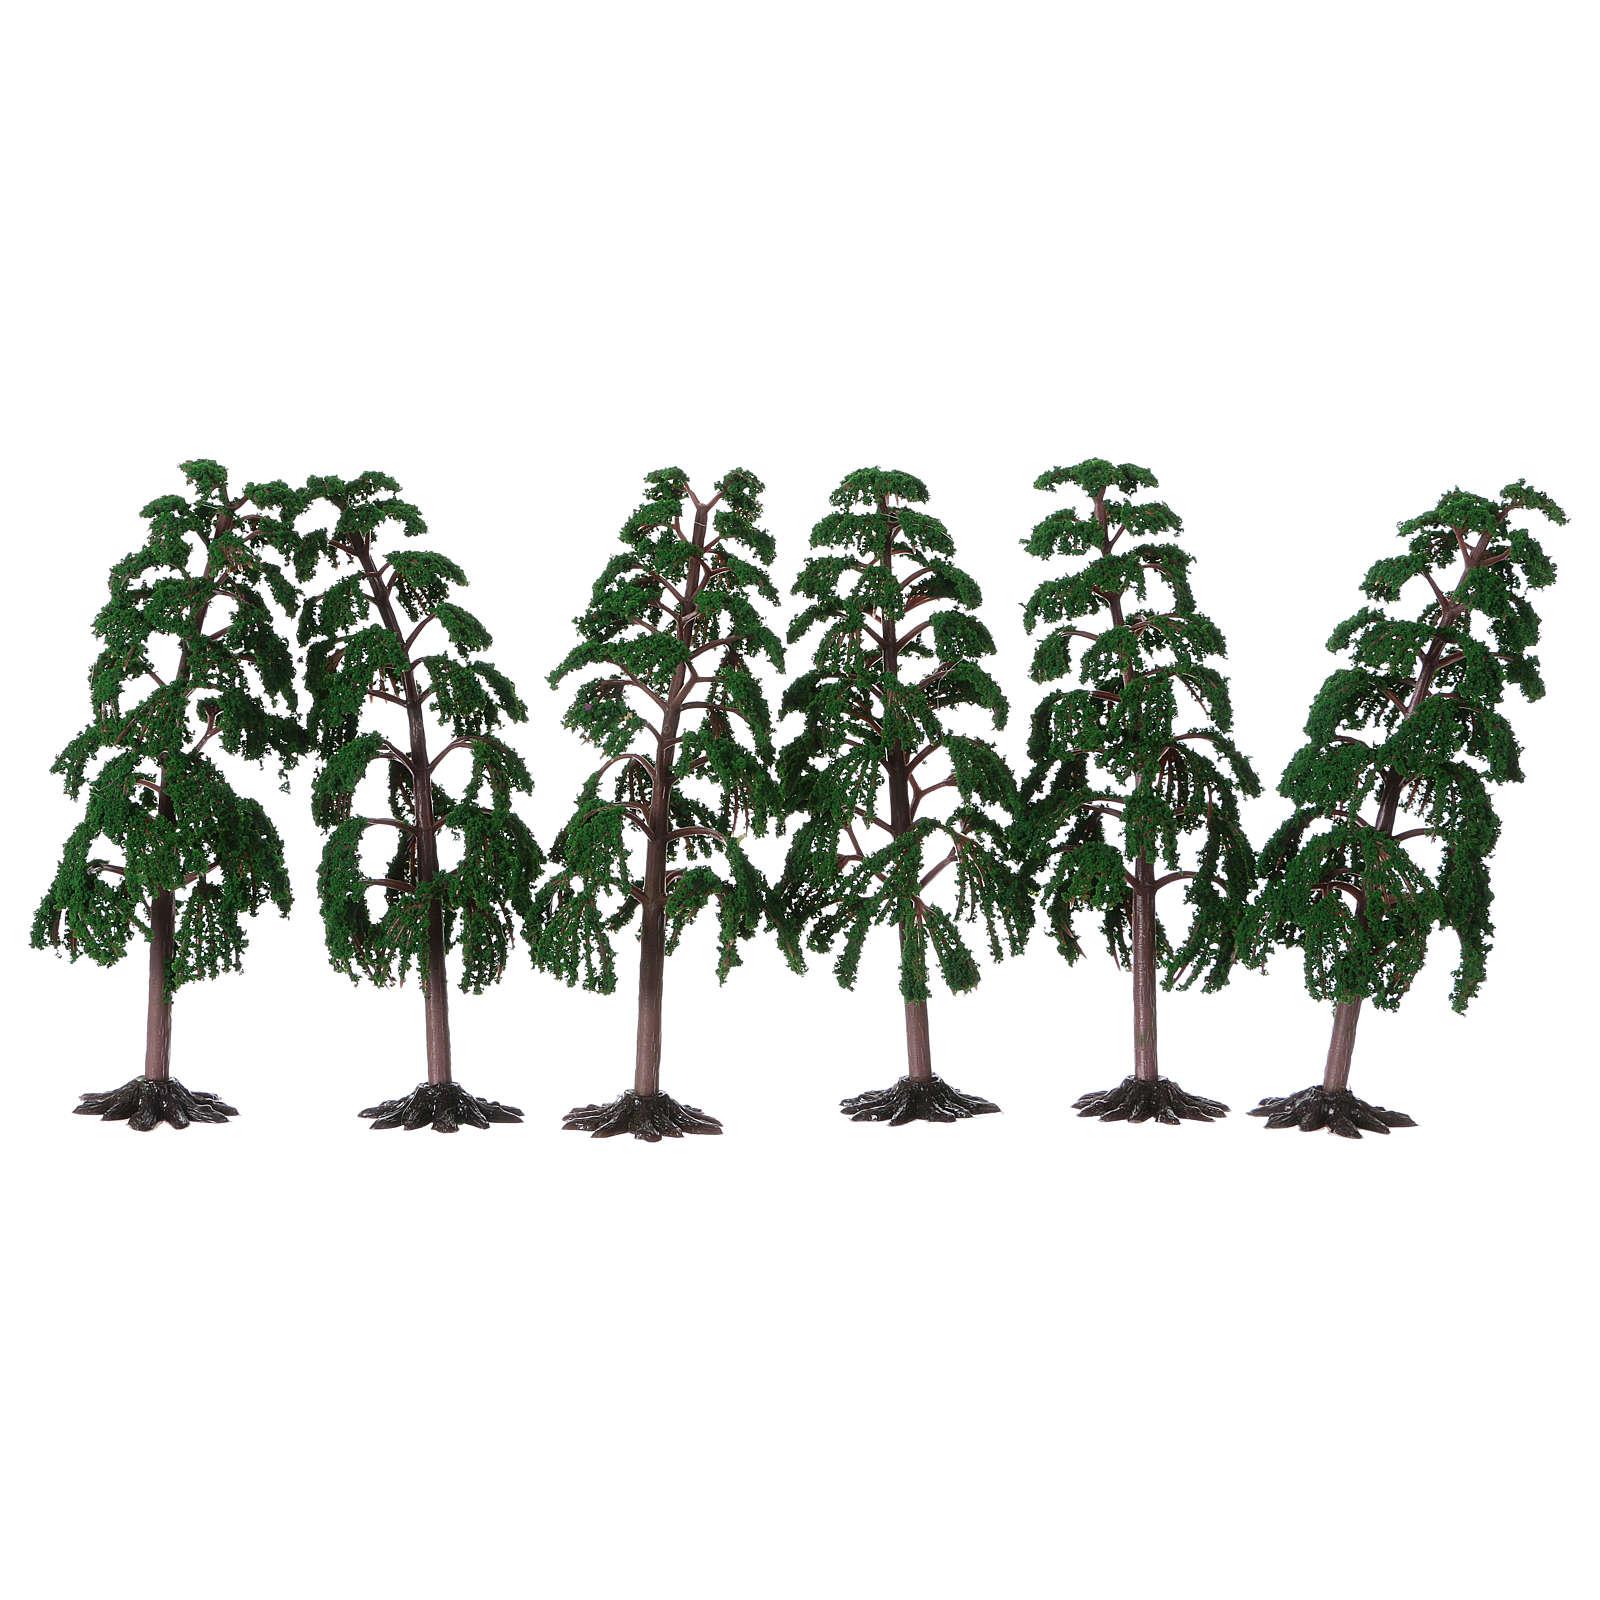 Arbre vert avec branches pour crèche h réelle 15 cm 4